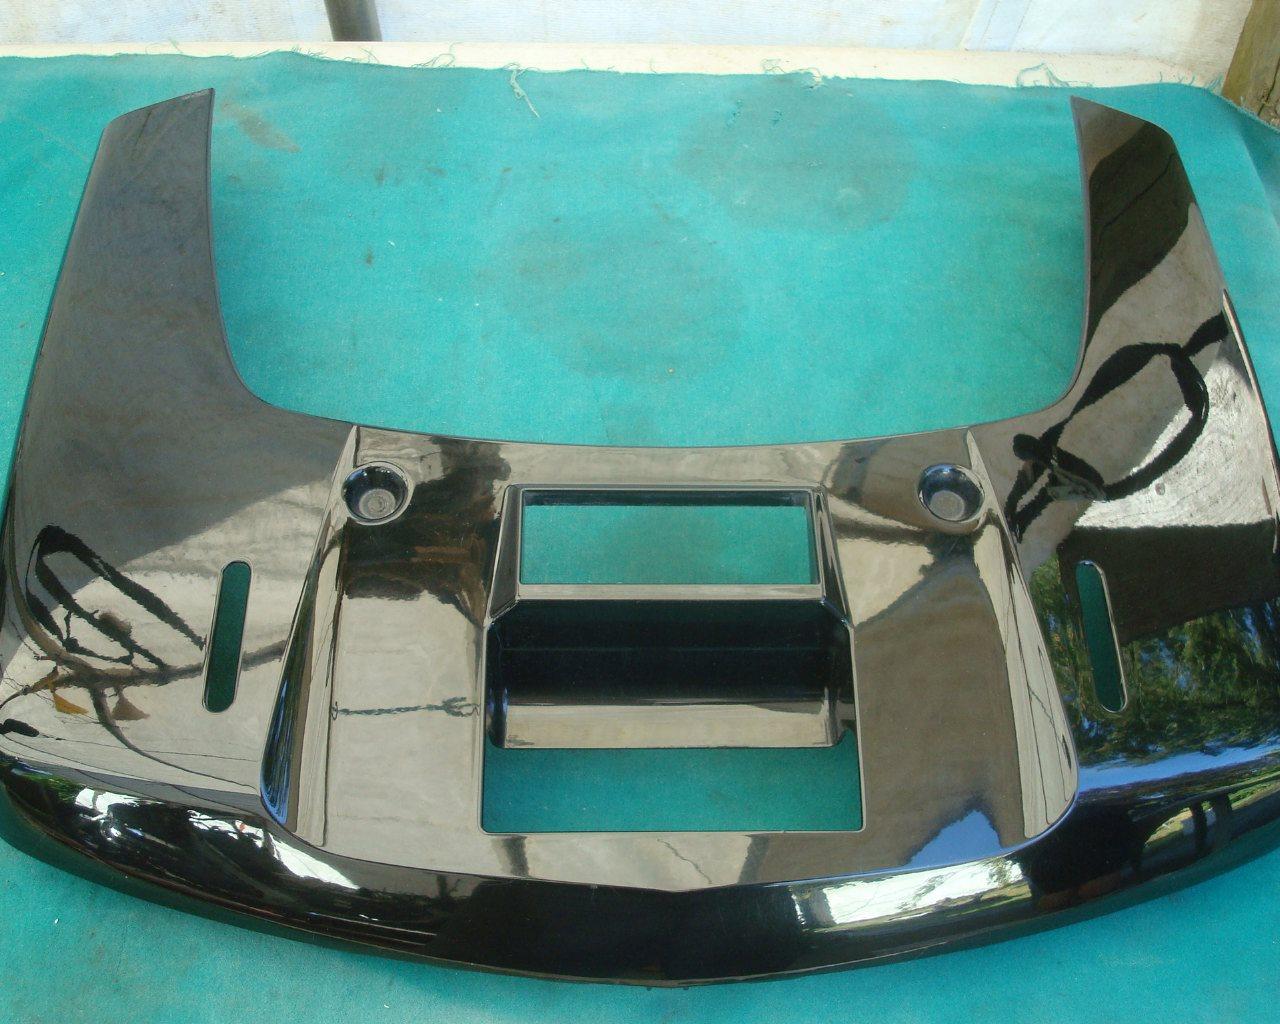 01 to 08 COVER, TRUNK NH1Z BLACK-Z 81141-MCA-000ZA base GL1800